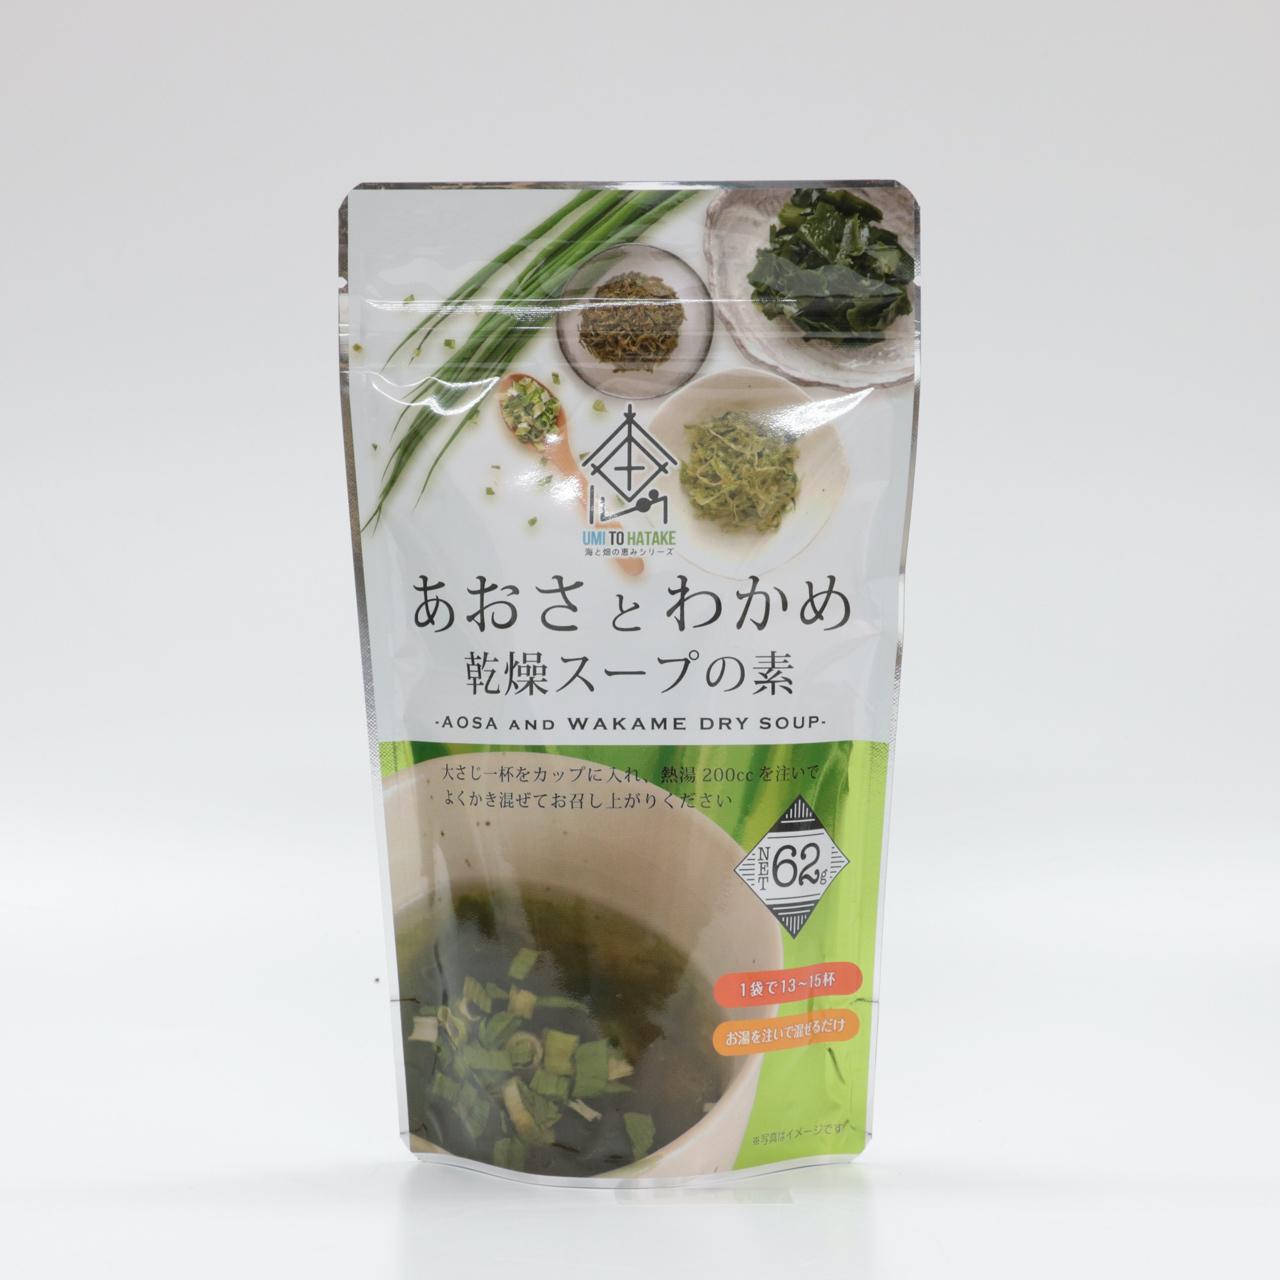 沖縄あおさとわかめ乾燥スープの素 島酒家